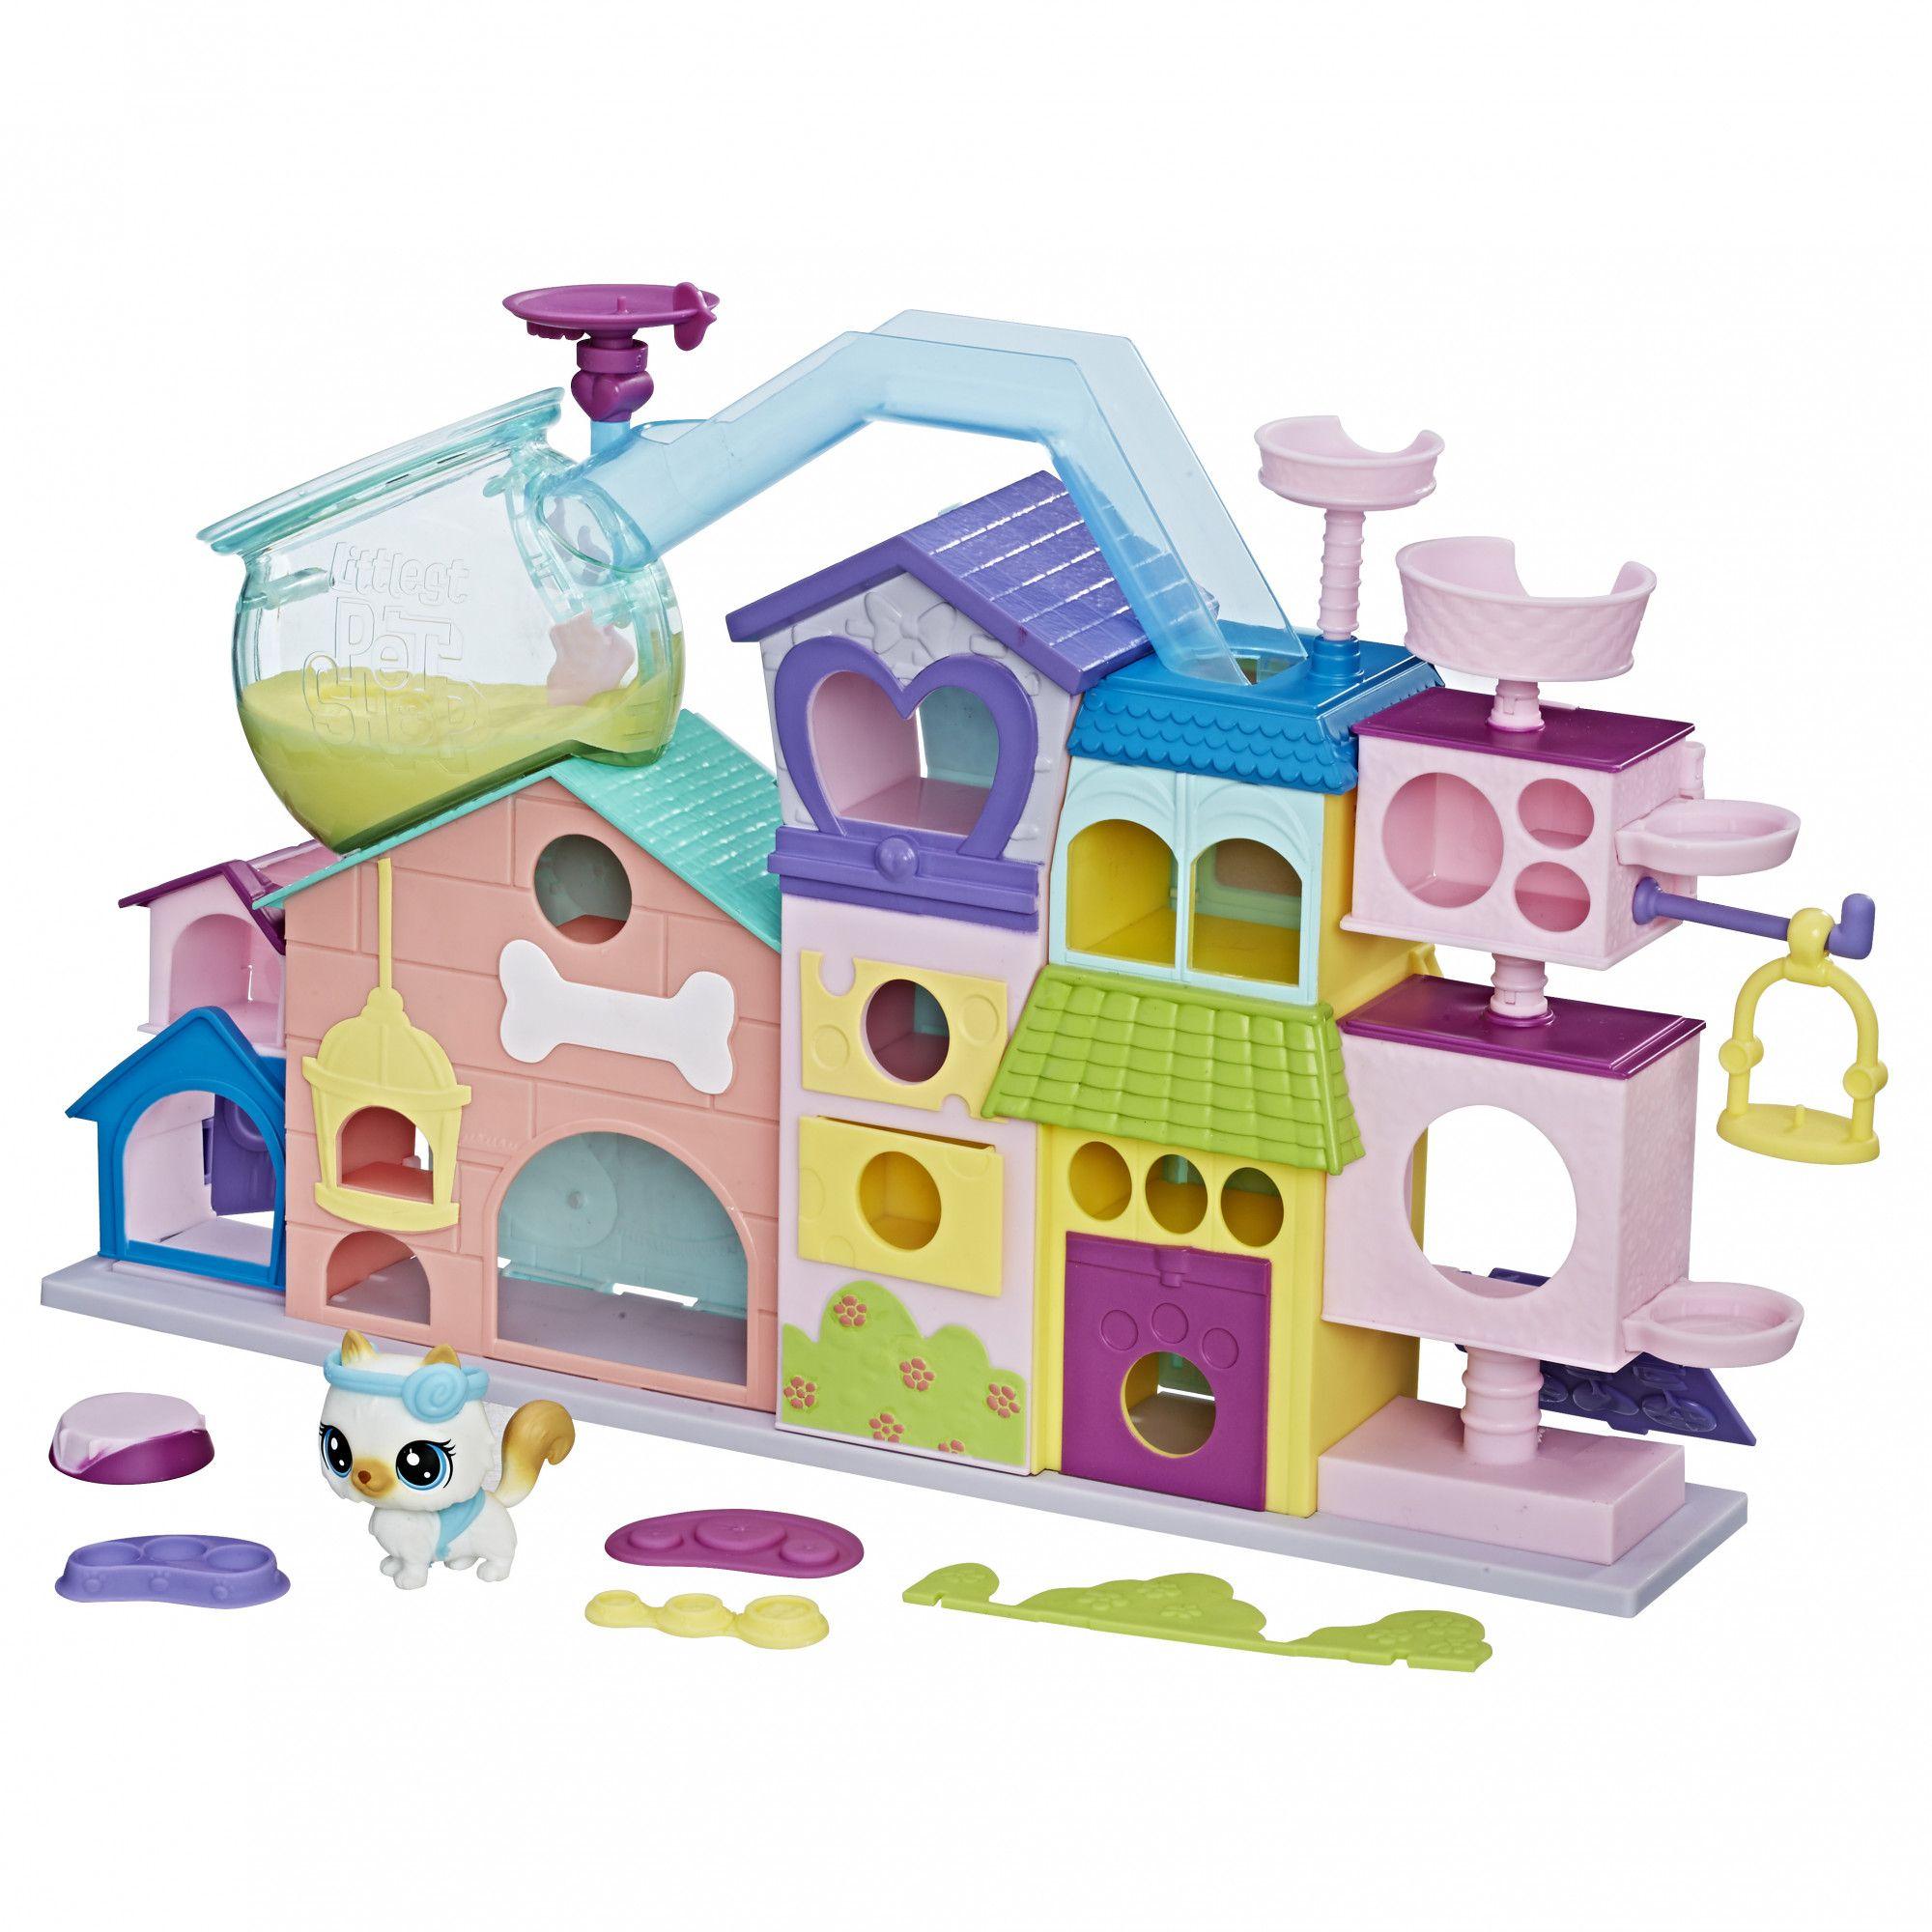 Купить Игровой набор Littlest Pet Shop - Апартаменты для петов, Hasbro